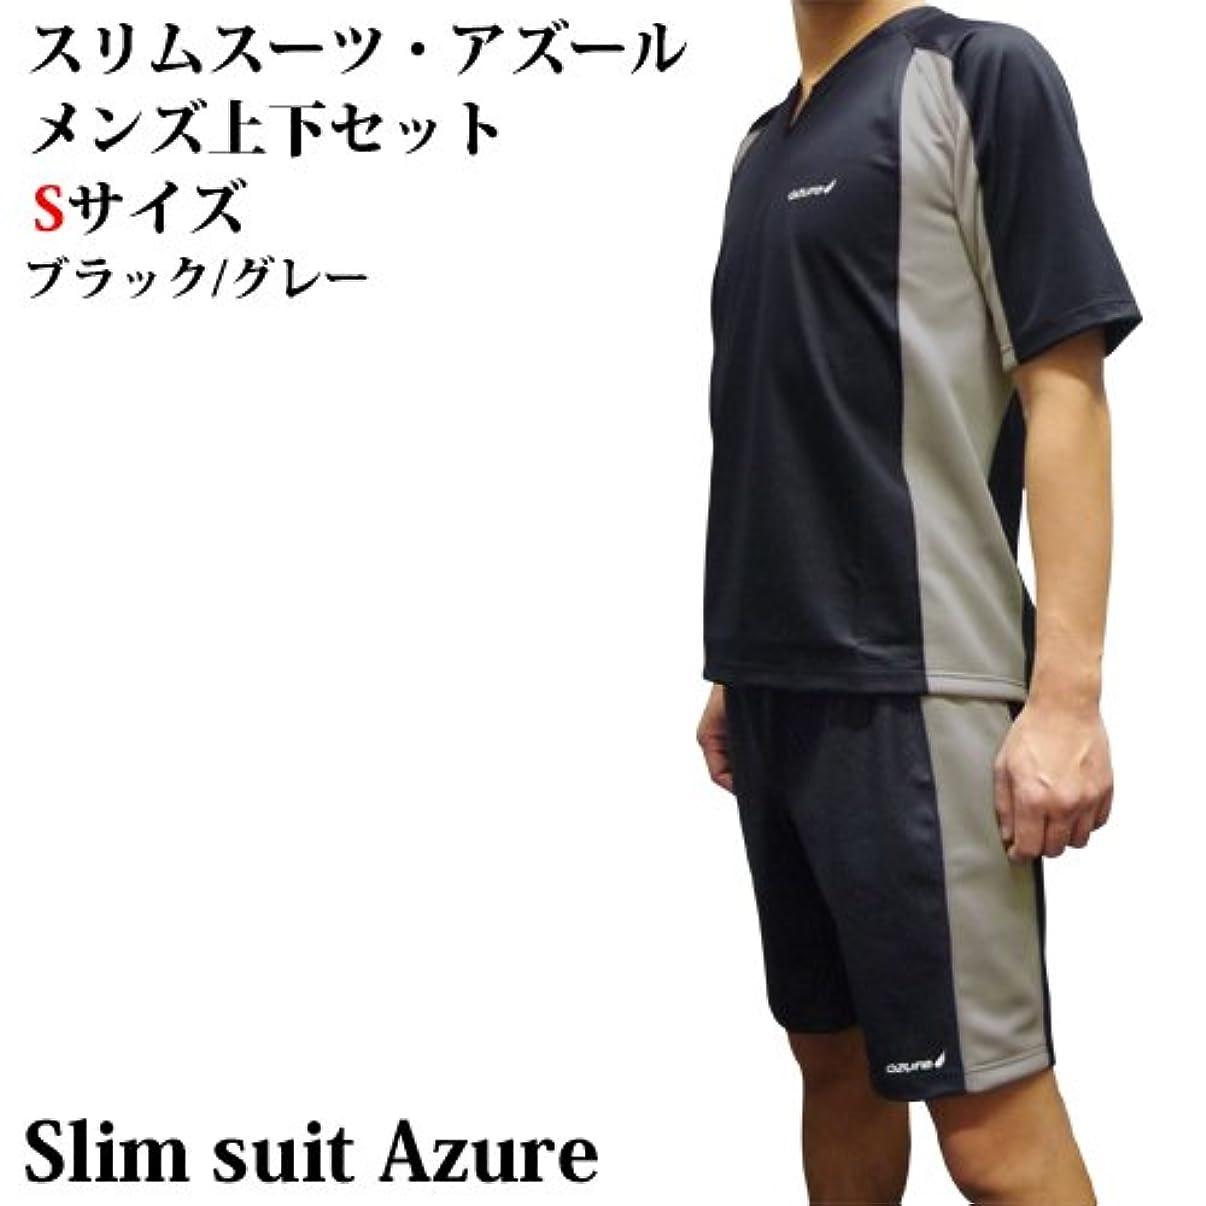 明るくする可動サーマルスリムスーツ?アズール メンズ上下セット Sサイズ ブラック/グレー